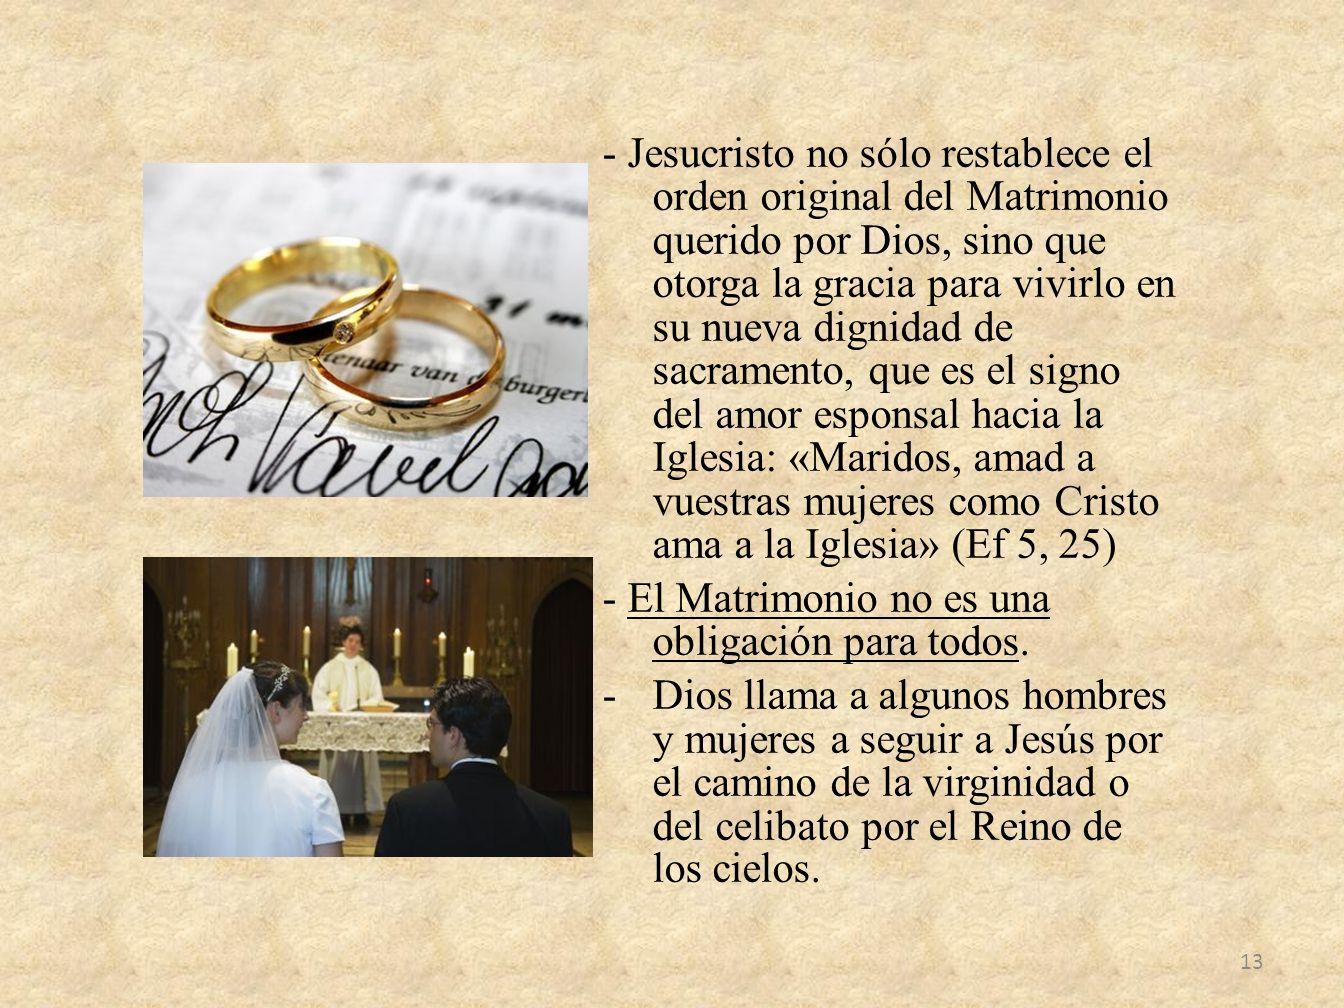 - Jesucristo no sólo restablece el orden original del Matrimonio querido por Dios, sino que otorga la gracia para vivirlo en su nueva dignidad de sacramento, que es el signo del amor esponsal hacia la Iglesia: «Maridos, amad a vuestras mujeres como Cristo ama a la Iglesia» (Ef 5, 25)